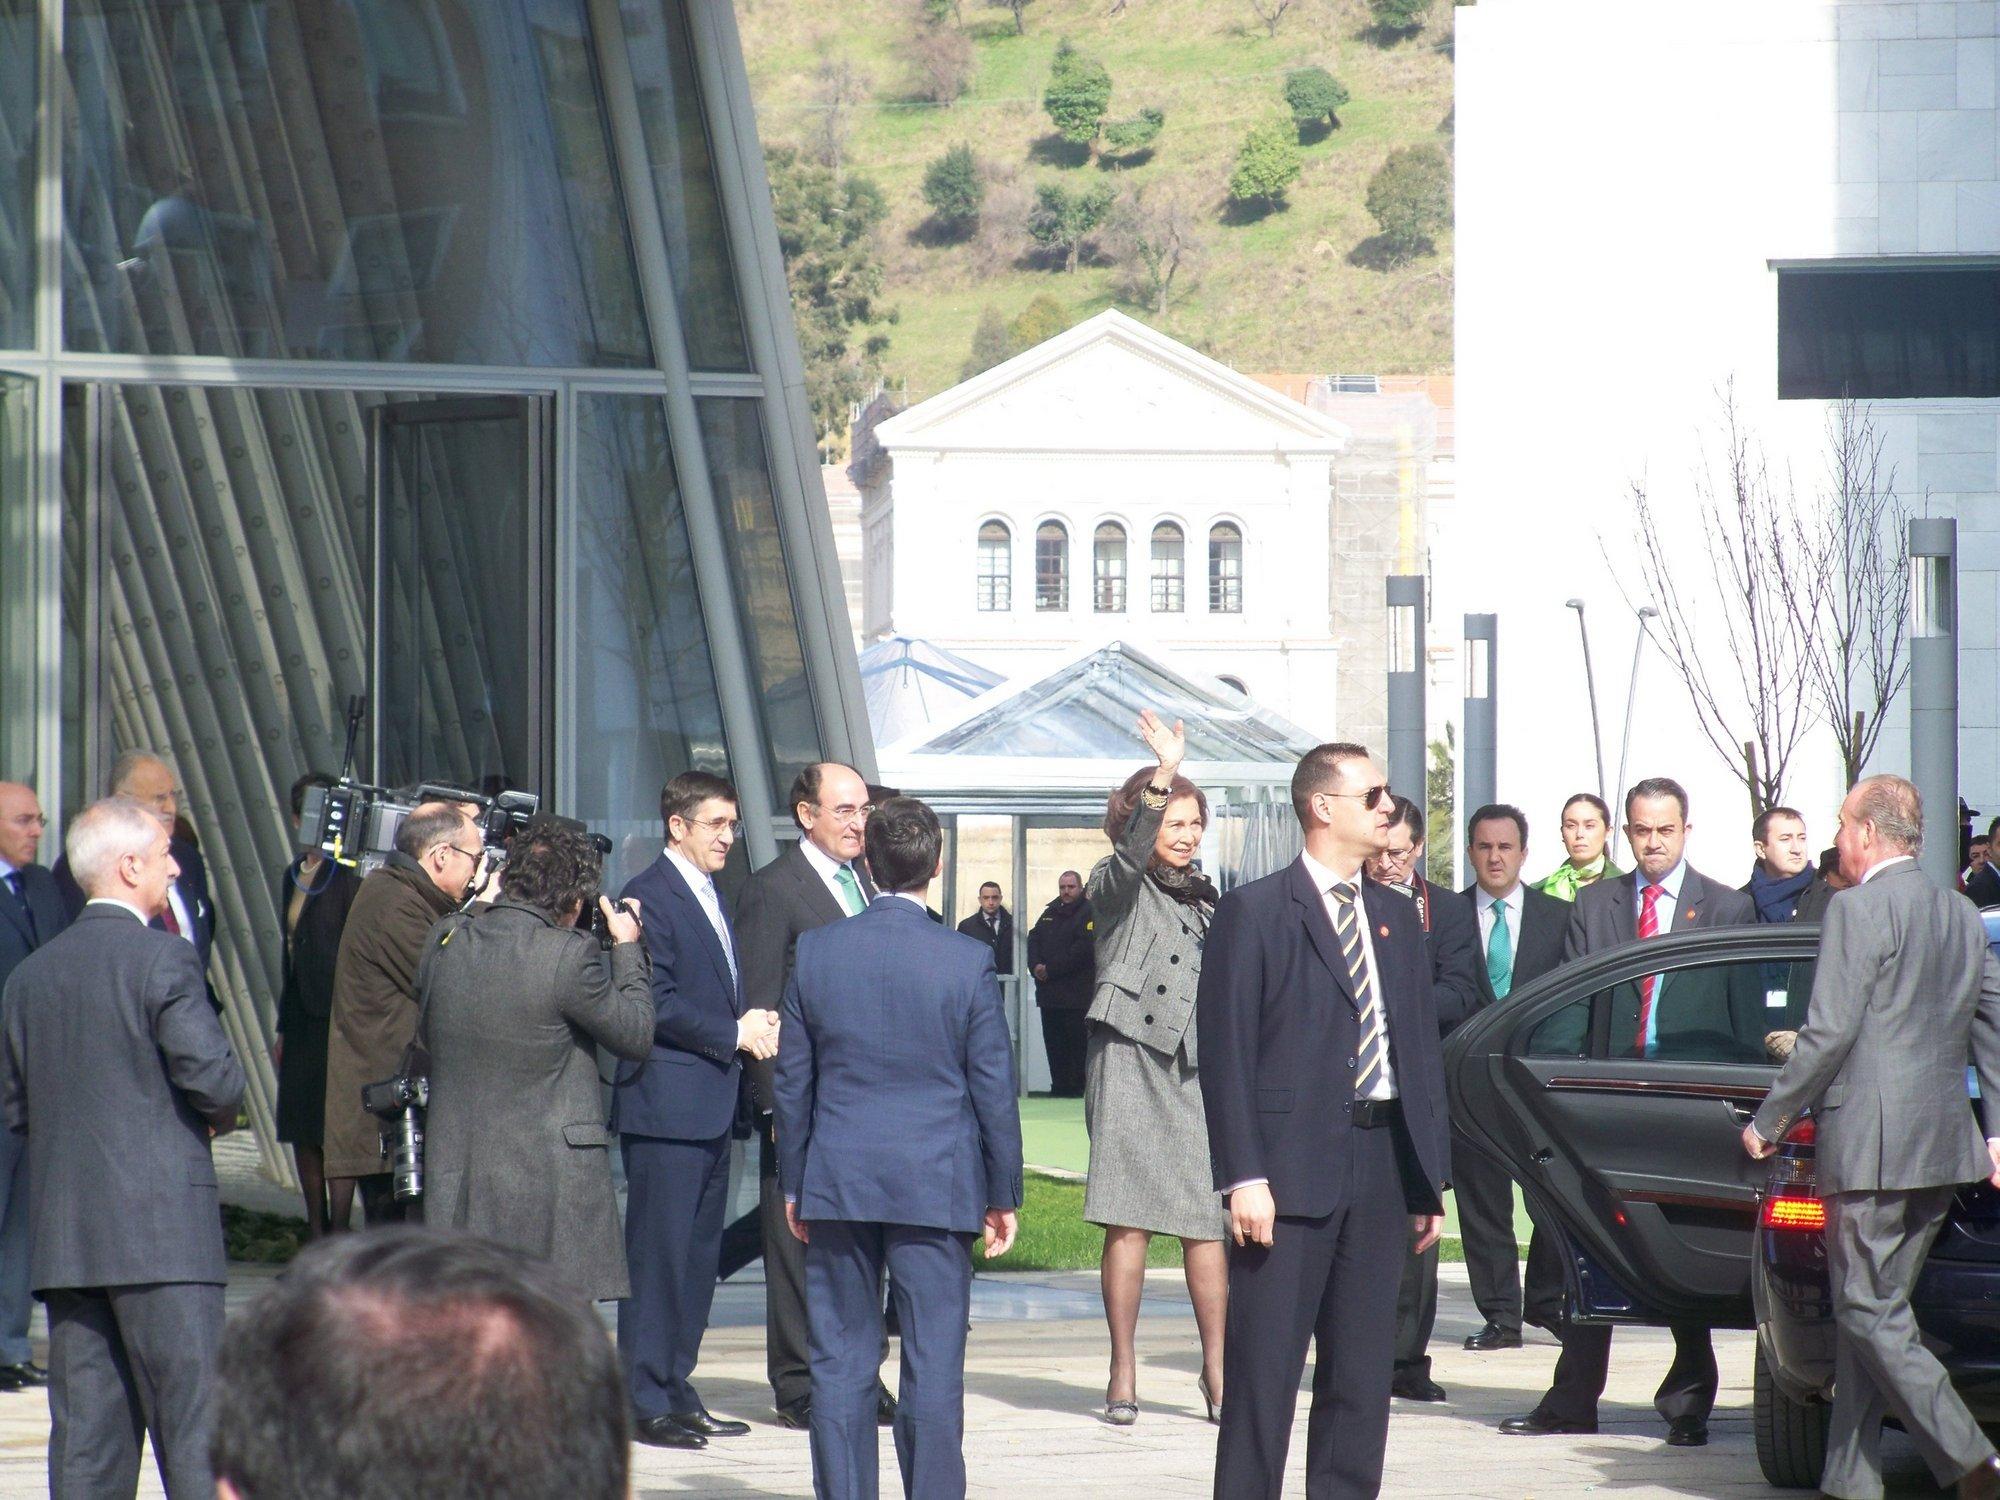 Los reyes inauguran la Torre Iberdrola de la eléctrica en Bilbao